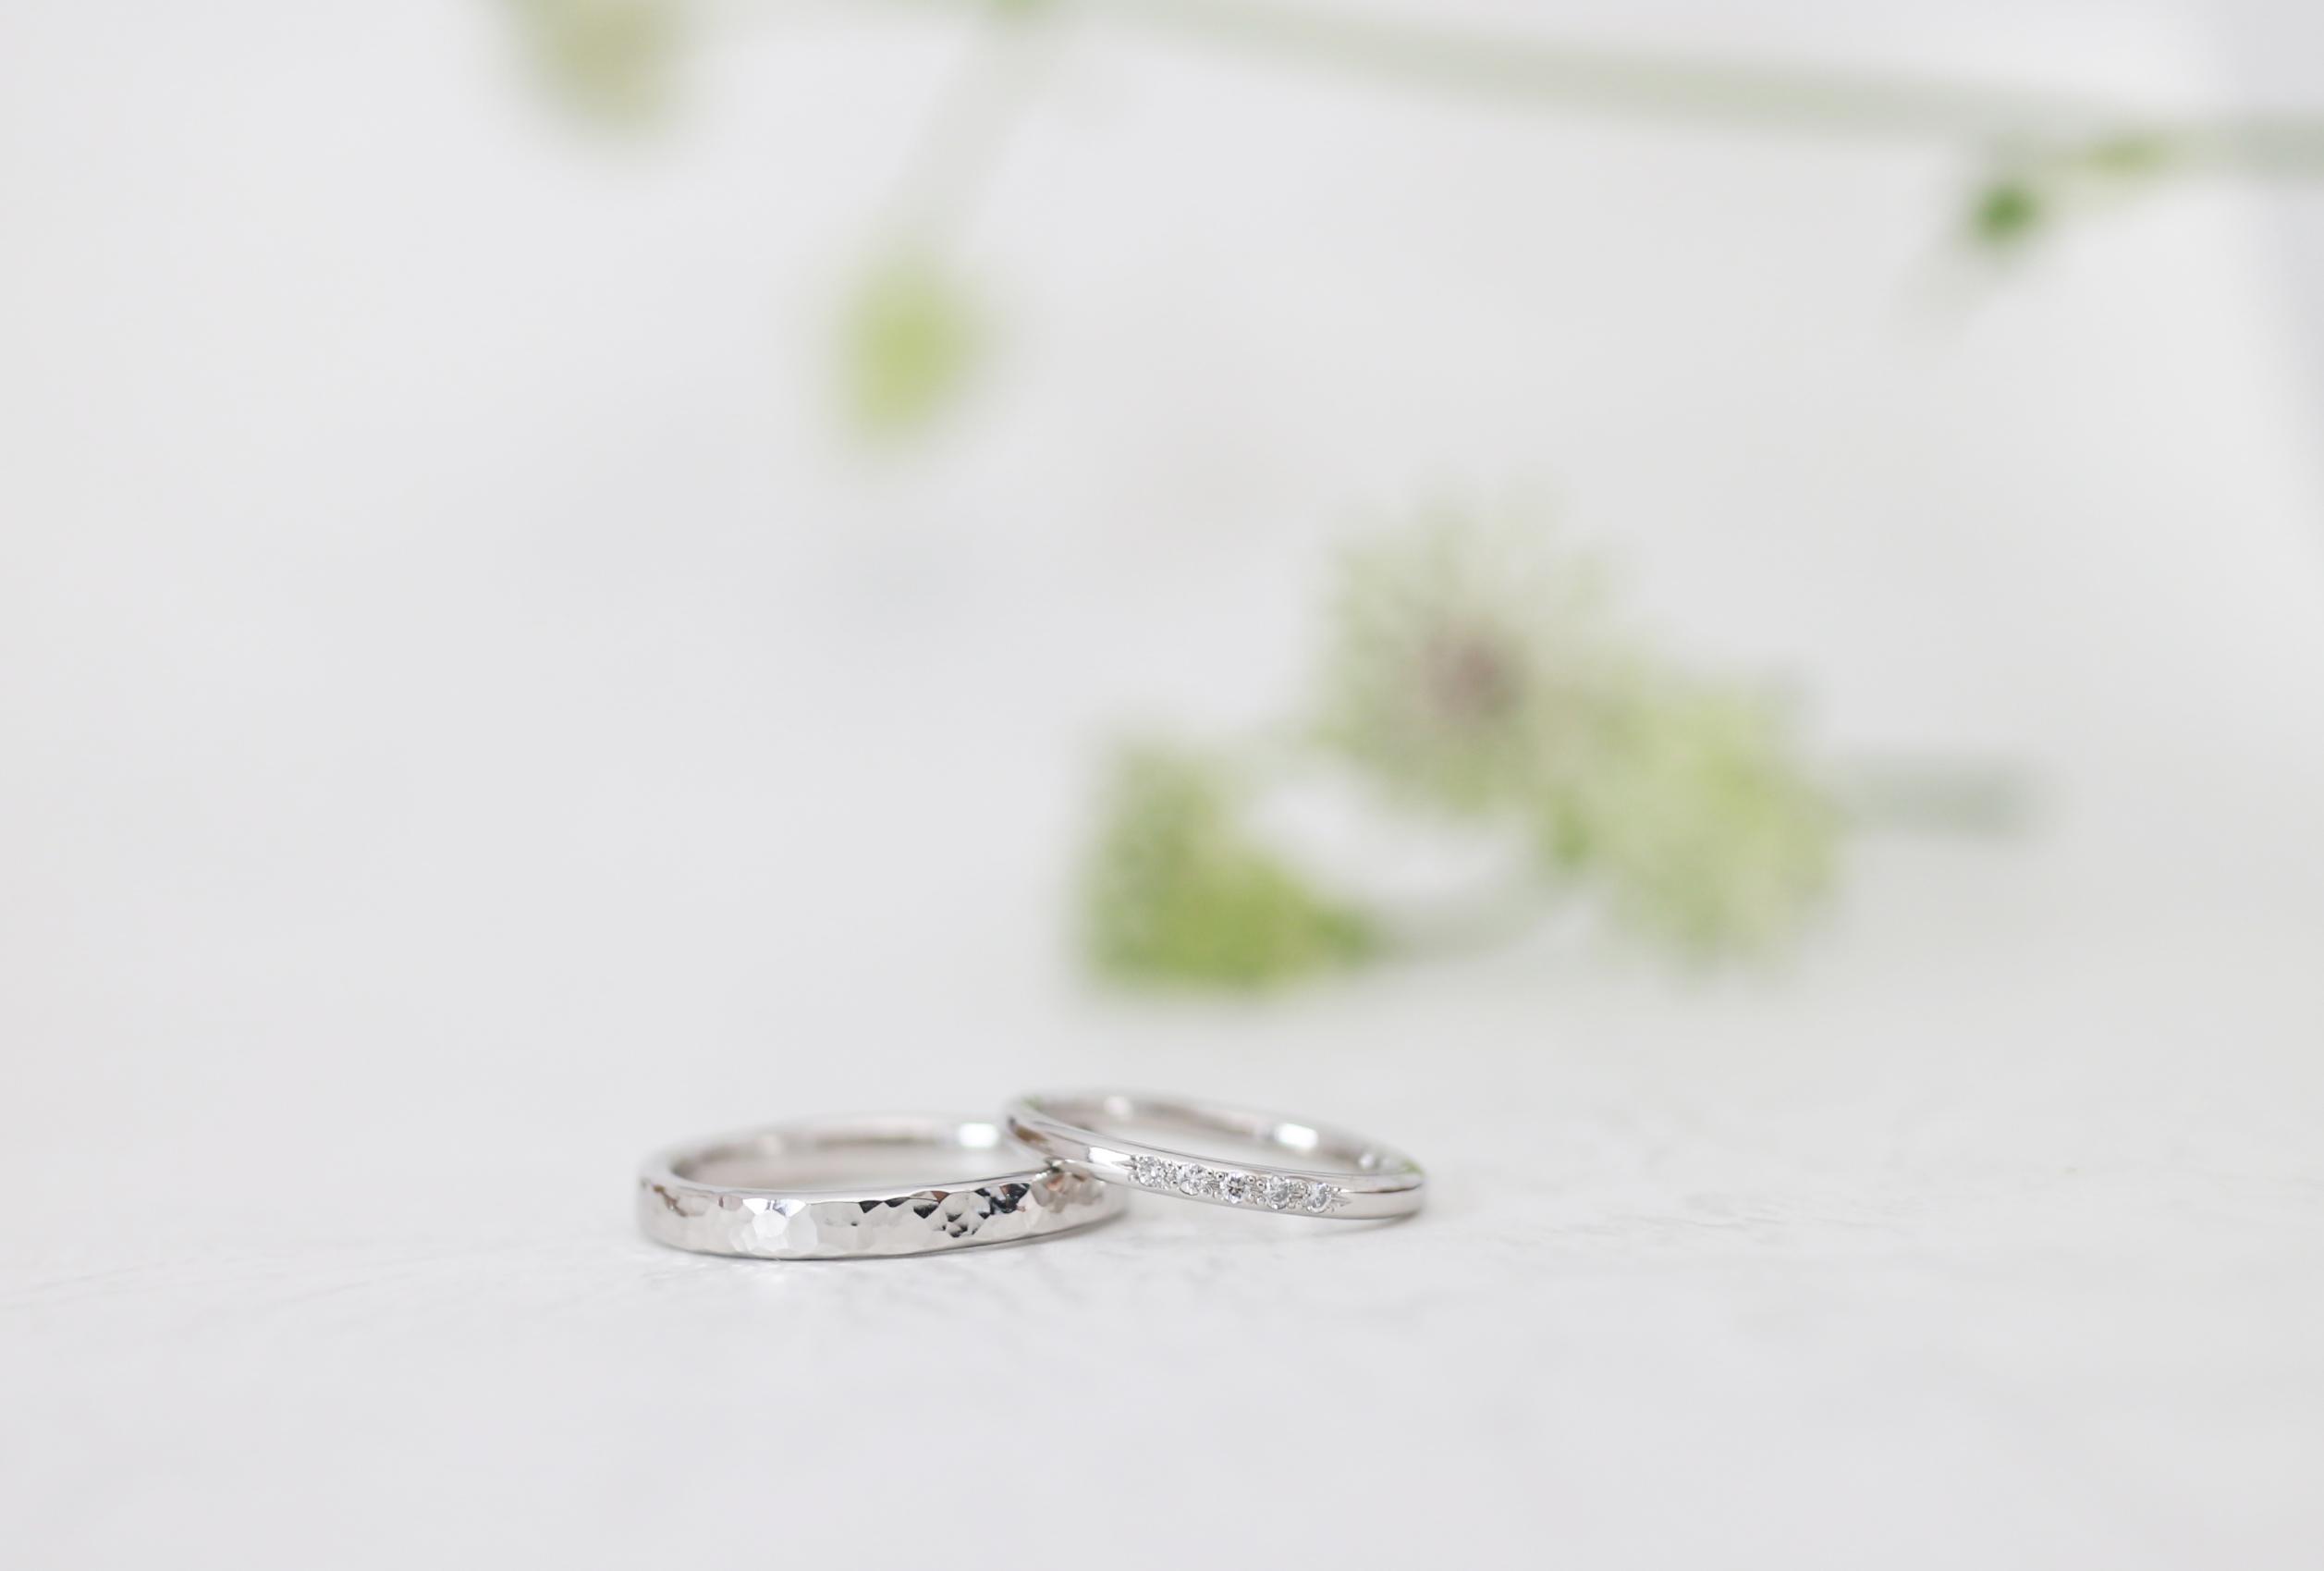 鎚目とダイヤモンドを留めた手作り結婚指輪